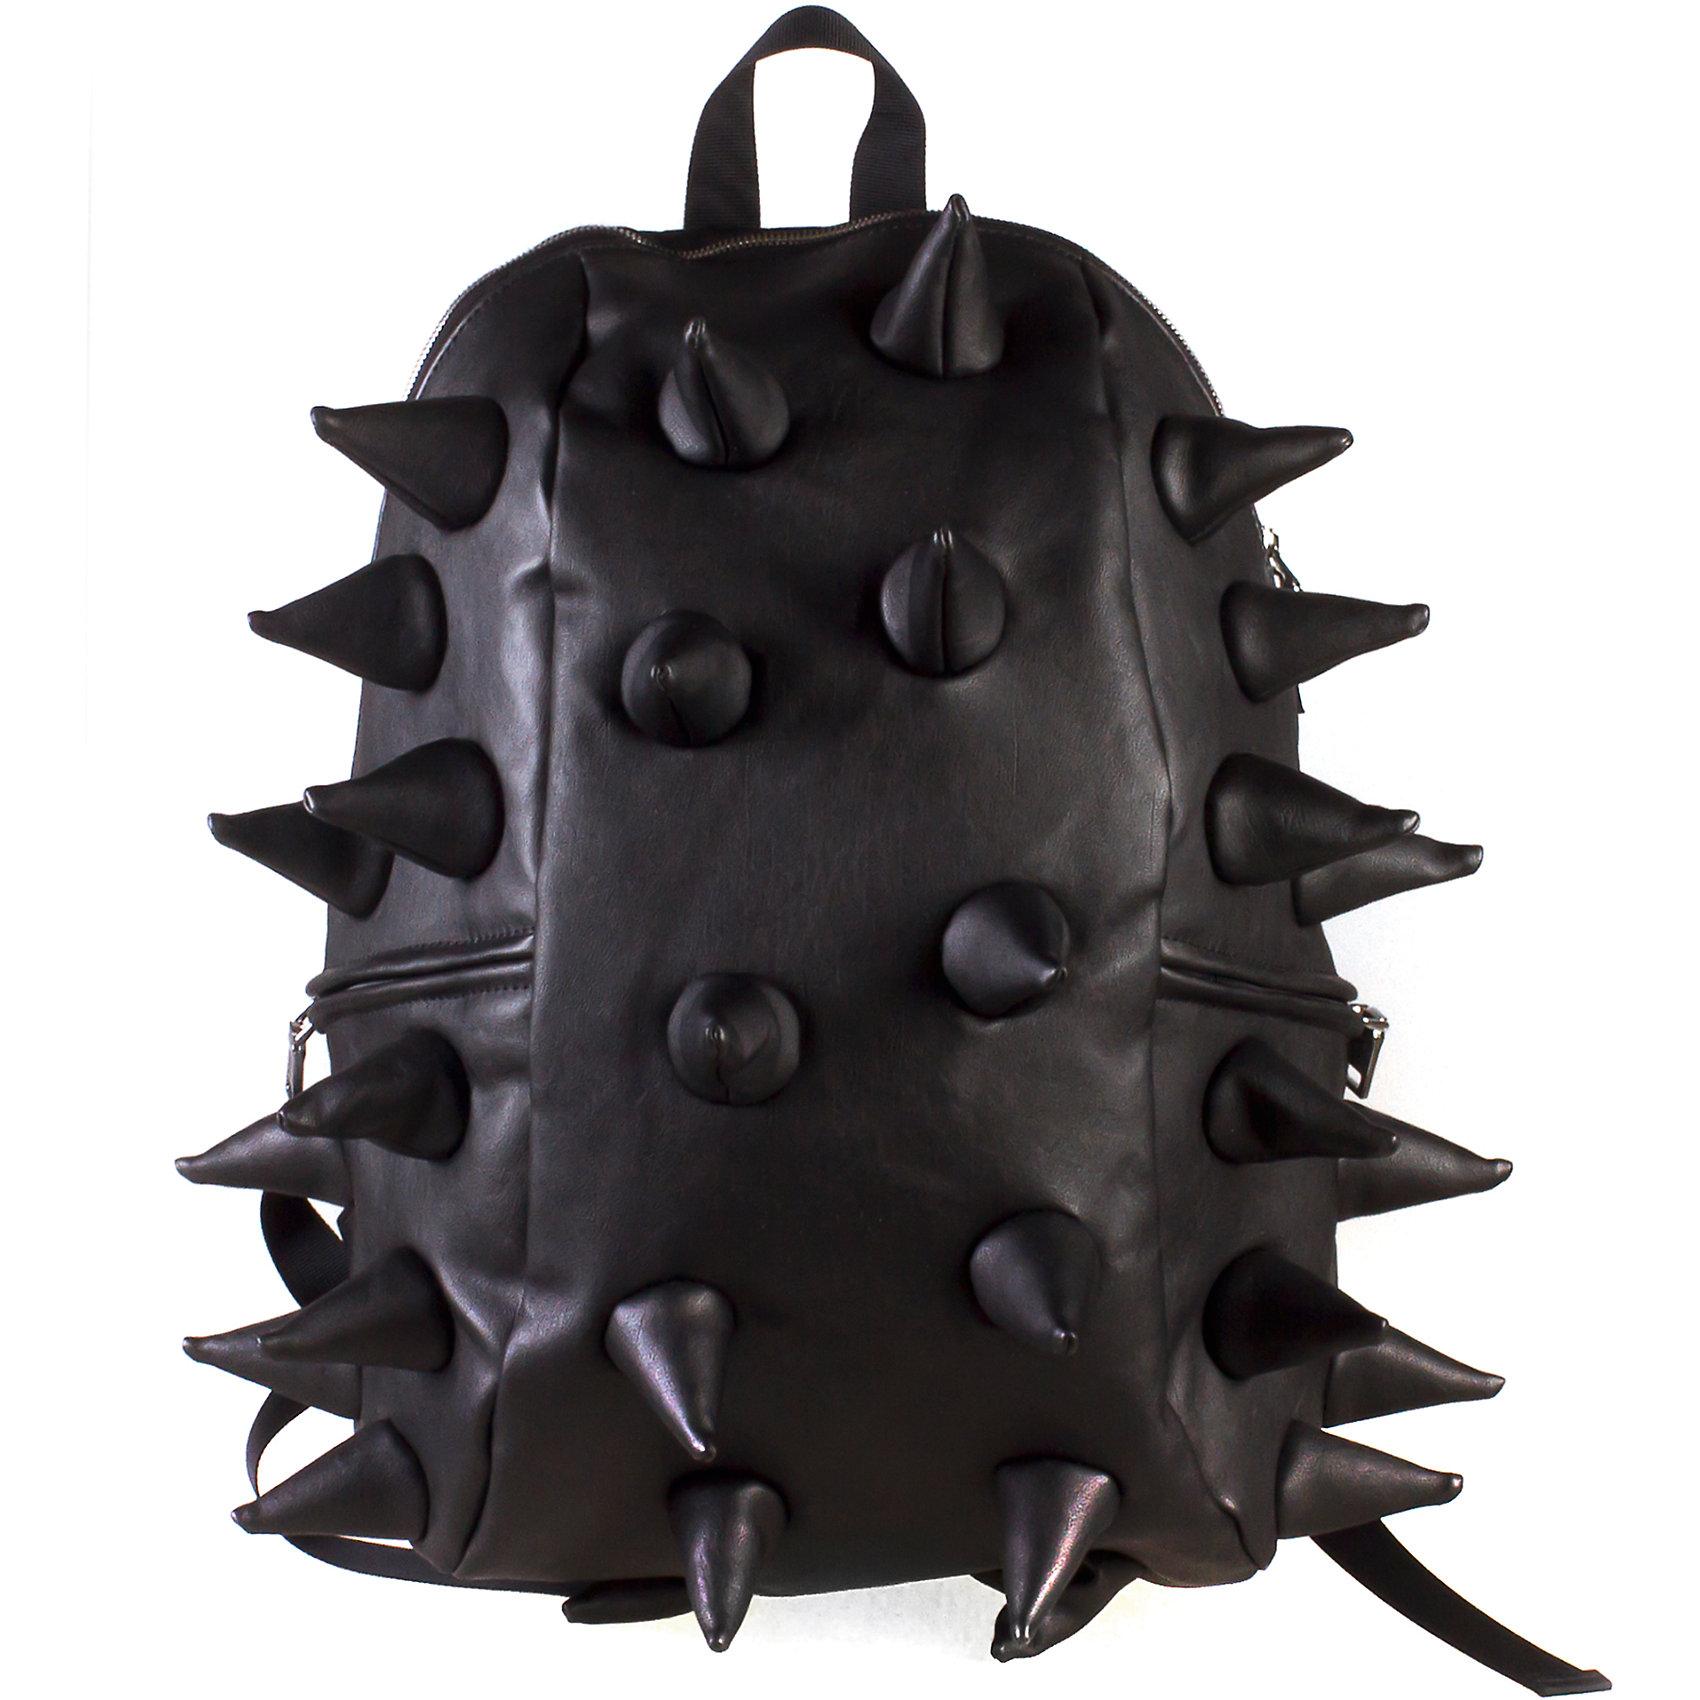 Рюкзак Rex Full Heavy Metal Black, цвет черный, MadPax, СШАСтильный и практичный рюкзак уместный в ритме большого города. Основное отделение закрывается на молнию. Внутри изделия есть отделение для ноутбука с максимальным размером диагонали 17 дюймов. По бокам - два дополнительных кармана на молнии. Модель помимо лямки для переноски в руке, мягких и широких регулируемых бретелей снабжена фиксацией на груди. Полностью вентилируемая и ортопедическая  спинка создаёт дополнительный комфорт Вашей спине.<br><br>Ширина мм: 46<br>Глубина мм: 35<br>Высота мм: 20<br>Вес г: 800<br>Возраст от месяцев: 120<br>Возраст до месяцев: 420<br>Пол: Унисекс<br>Возраст: Детский<br>SKU: 5344334